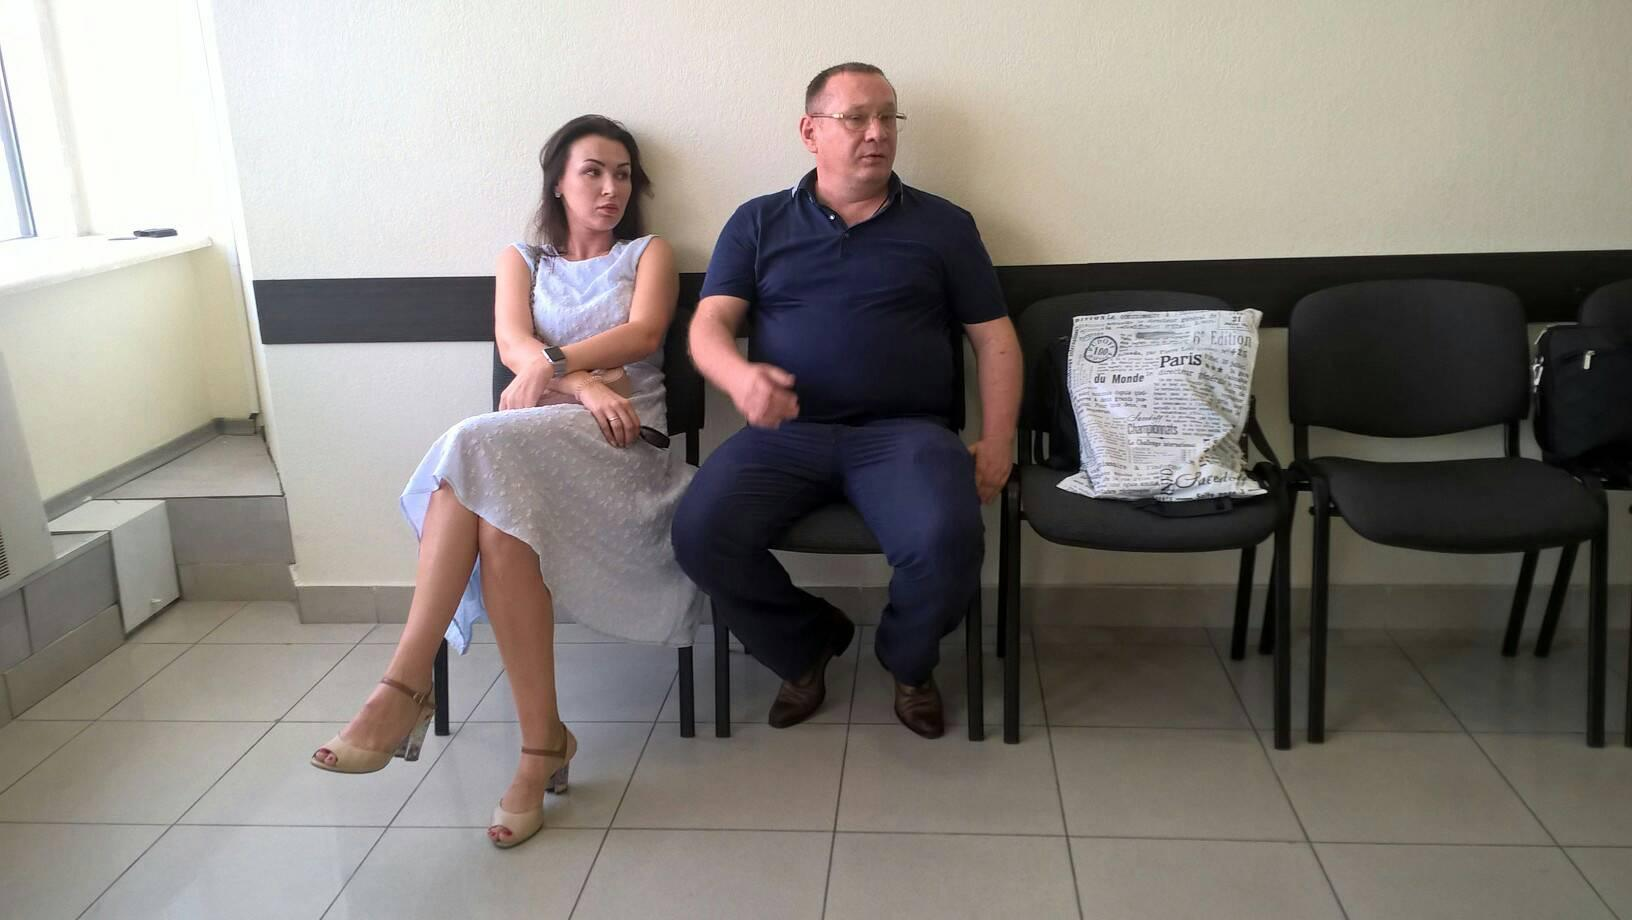 Київський апеляційний суд відмовив скандальному забудовнику Олегу Репі зменшити заставу у 12 разів